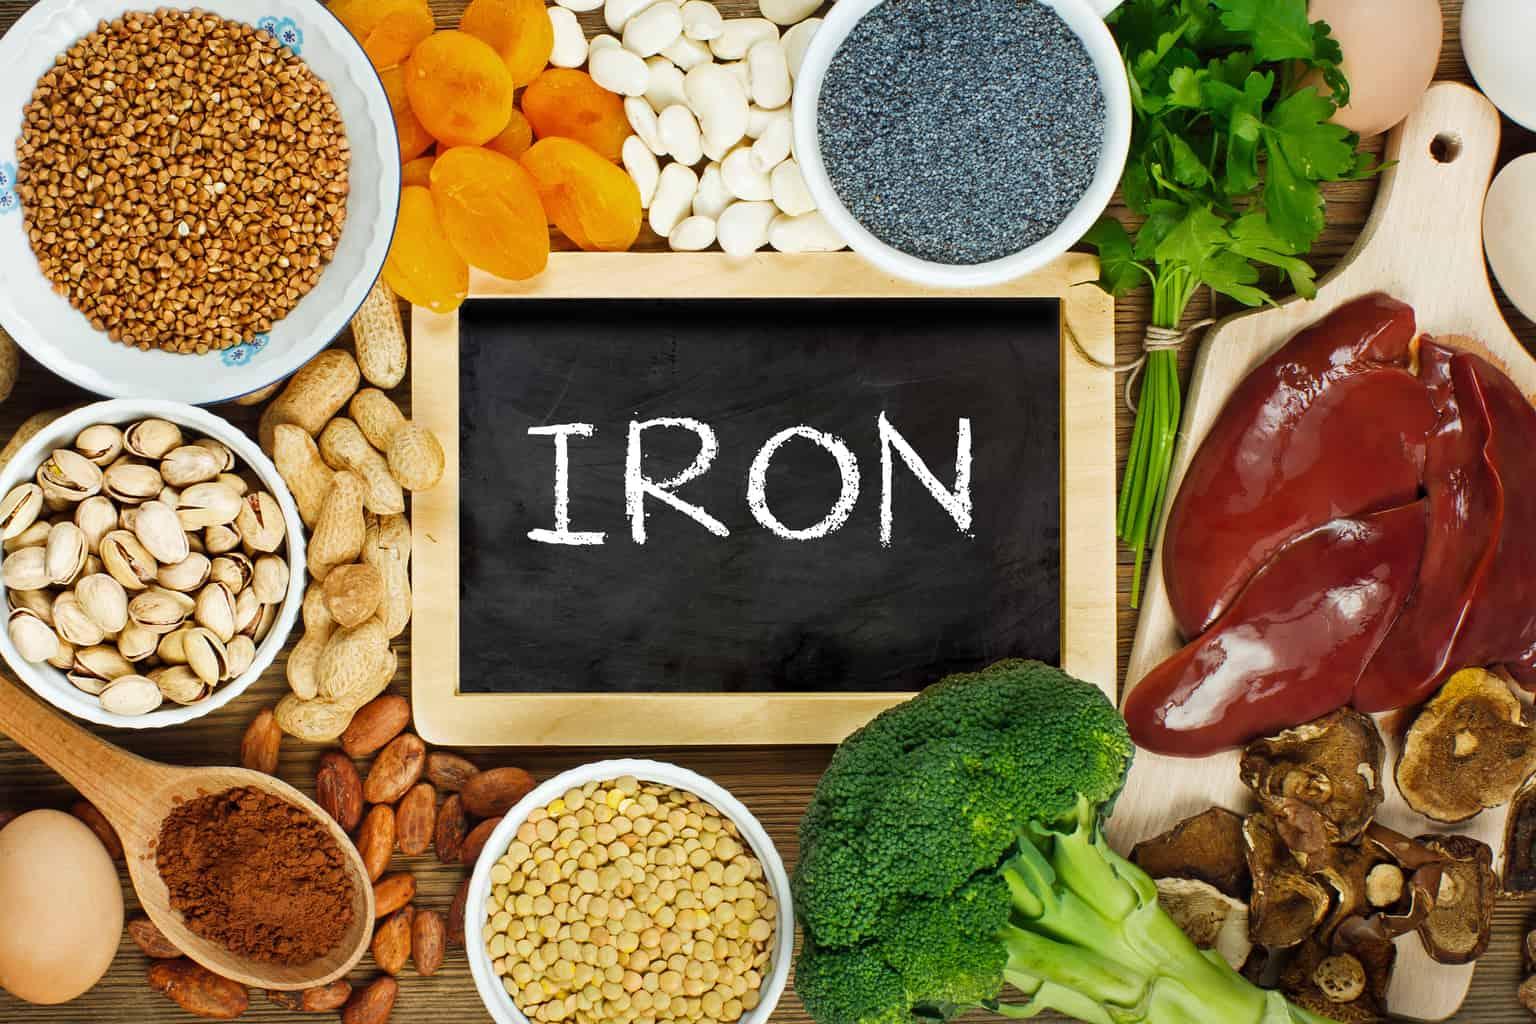 تناول الأطعمة التي تحتوي علي الحديد